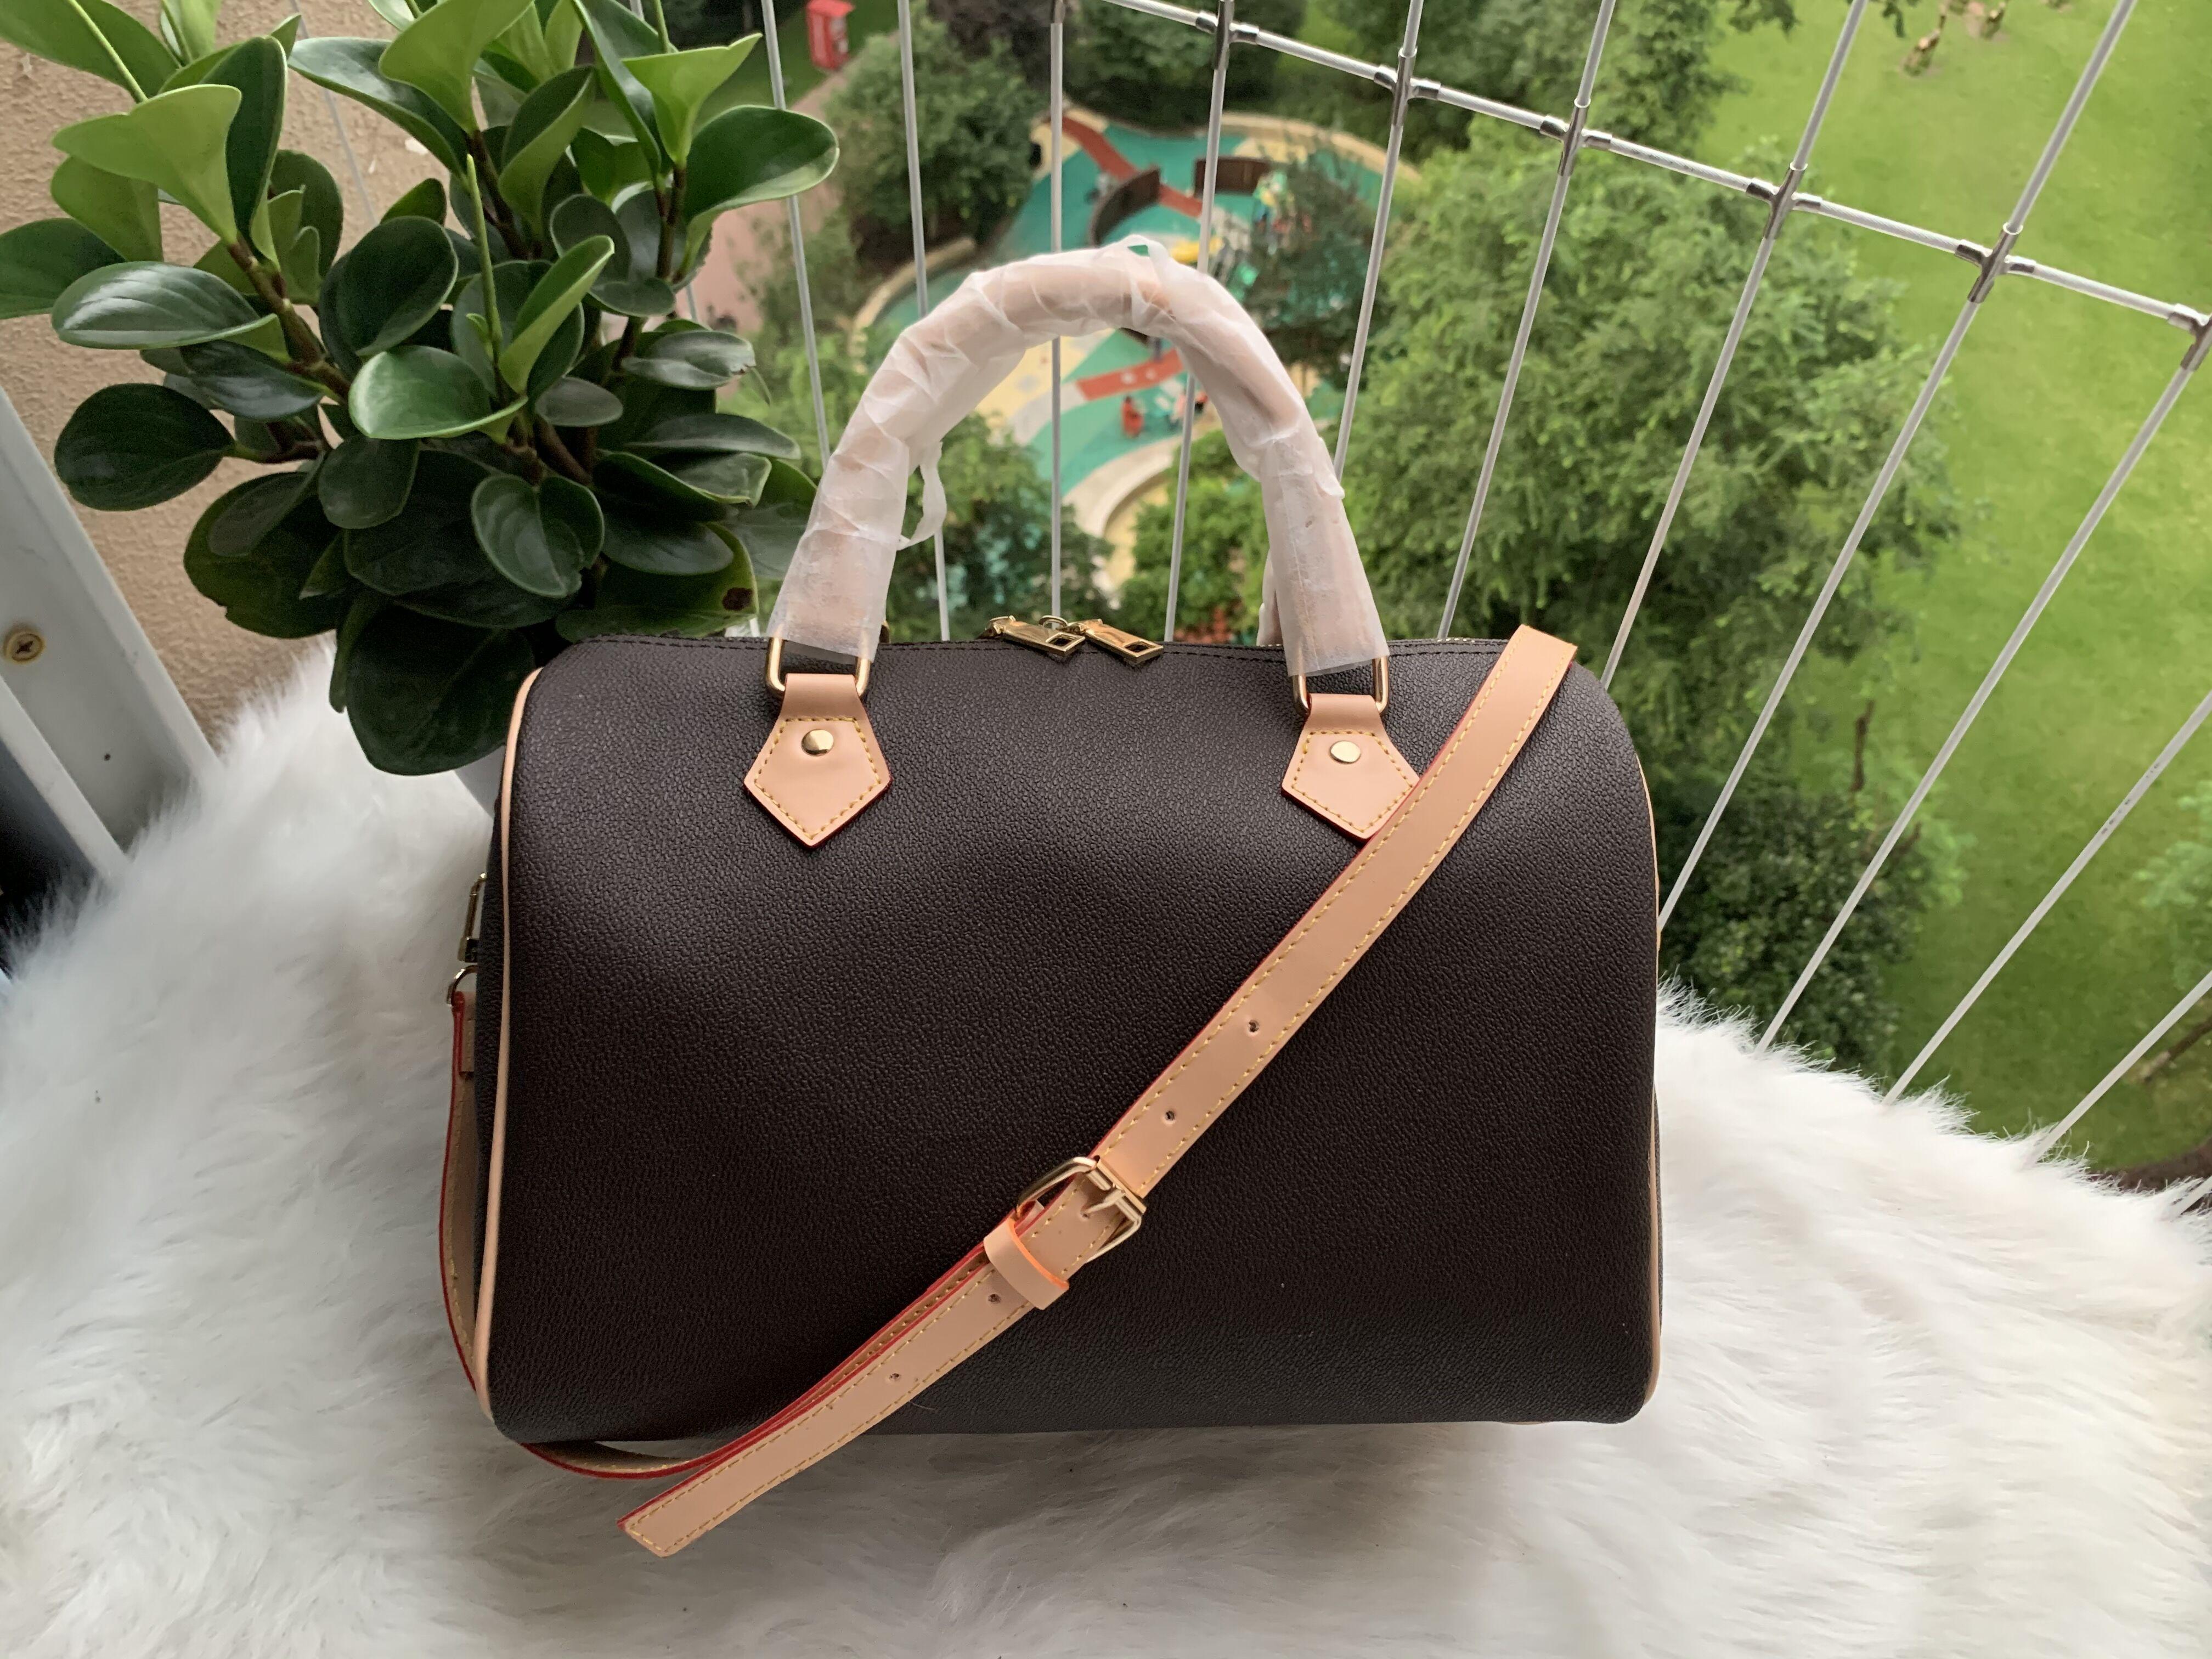 النساء رسول حقيبة سفر الكلاسيكية نمط الأزياء حقائب الكتف سيدة حقائب اليد حقائب 30 سنتيمتر مع مفتاح قفل 112xcd